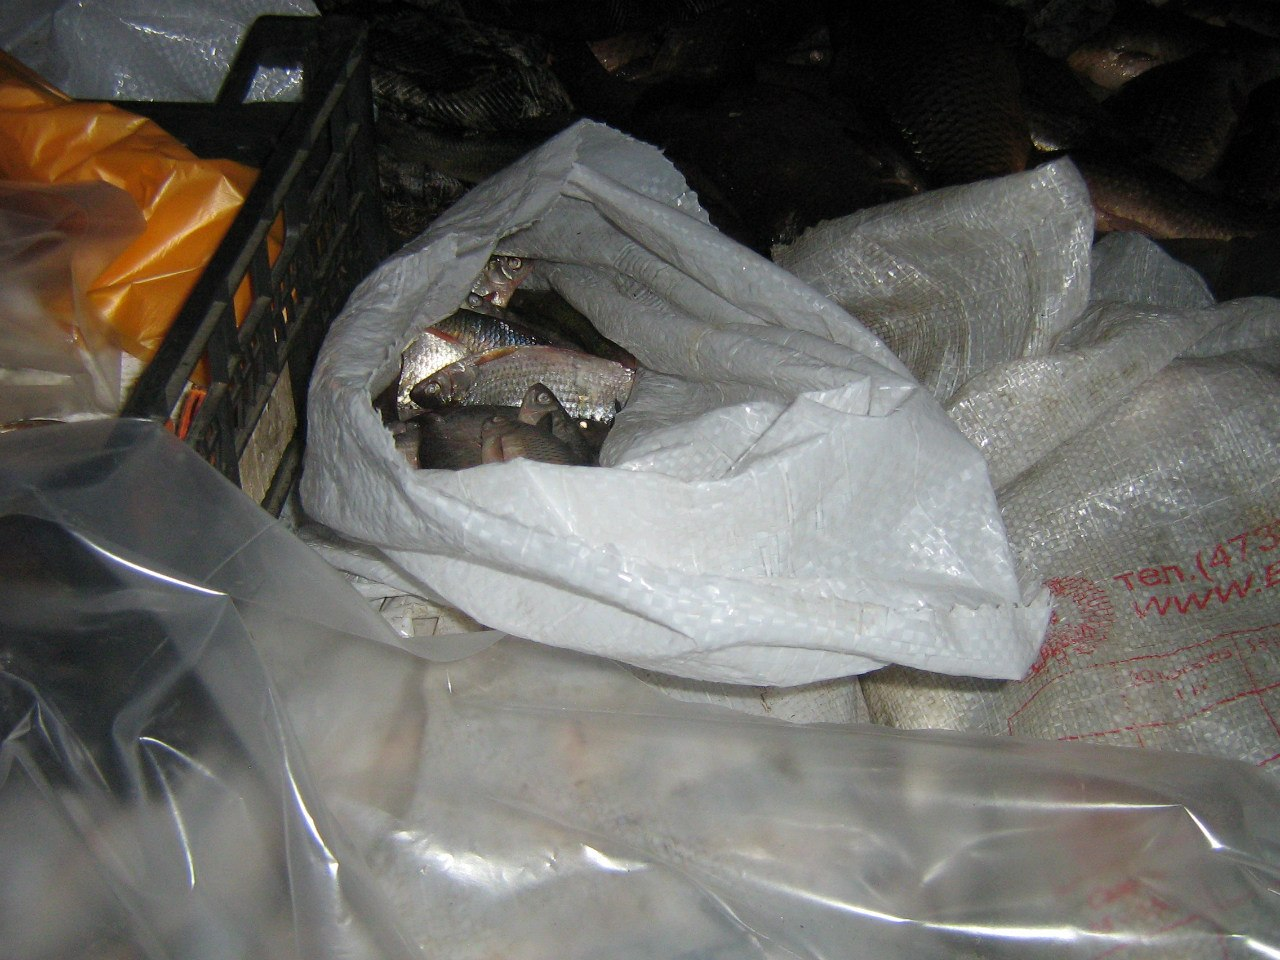 В Ростовской области ветинспекторы задержали более 5 тонн рыбы